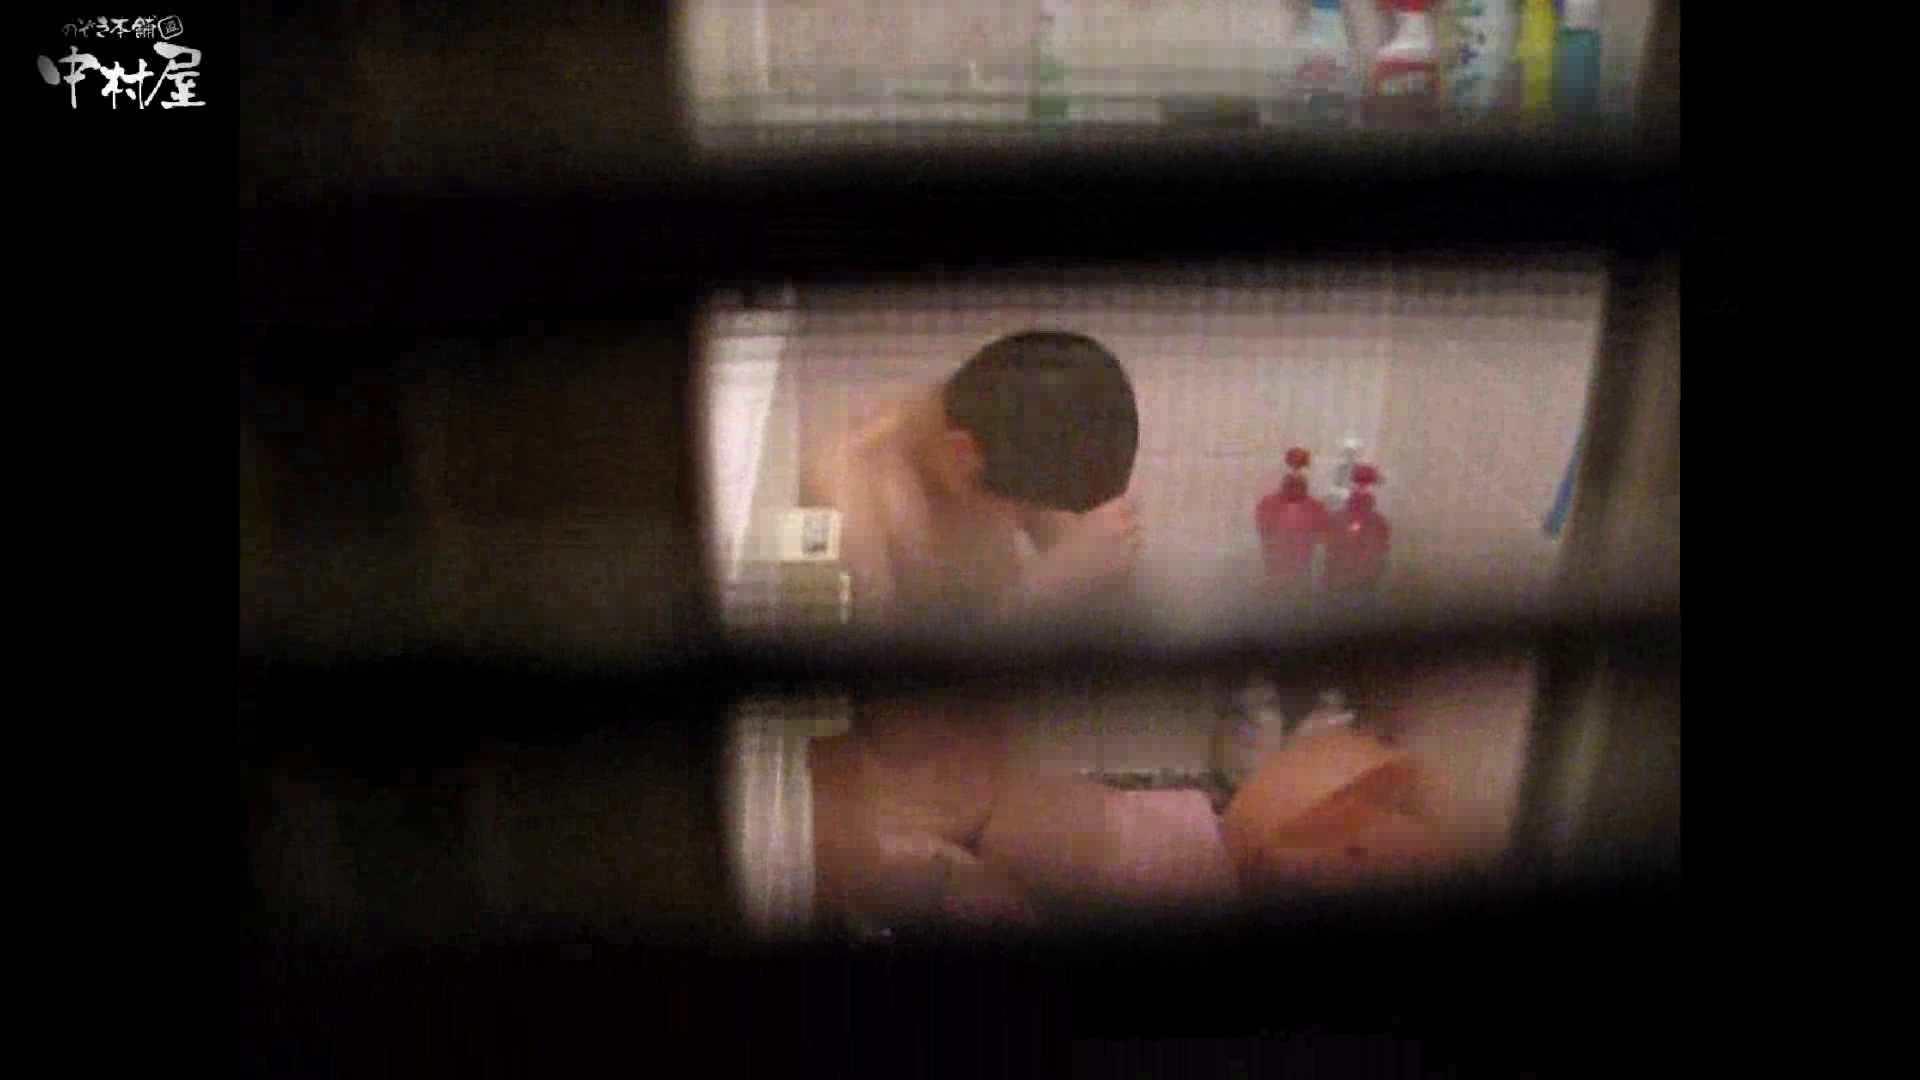 民家風呂専門盗撮師の超危険映像 vol.017 美女まとめ オマンコ無修正動画無料 110PIX 7